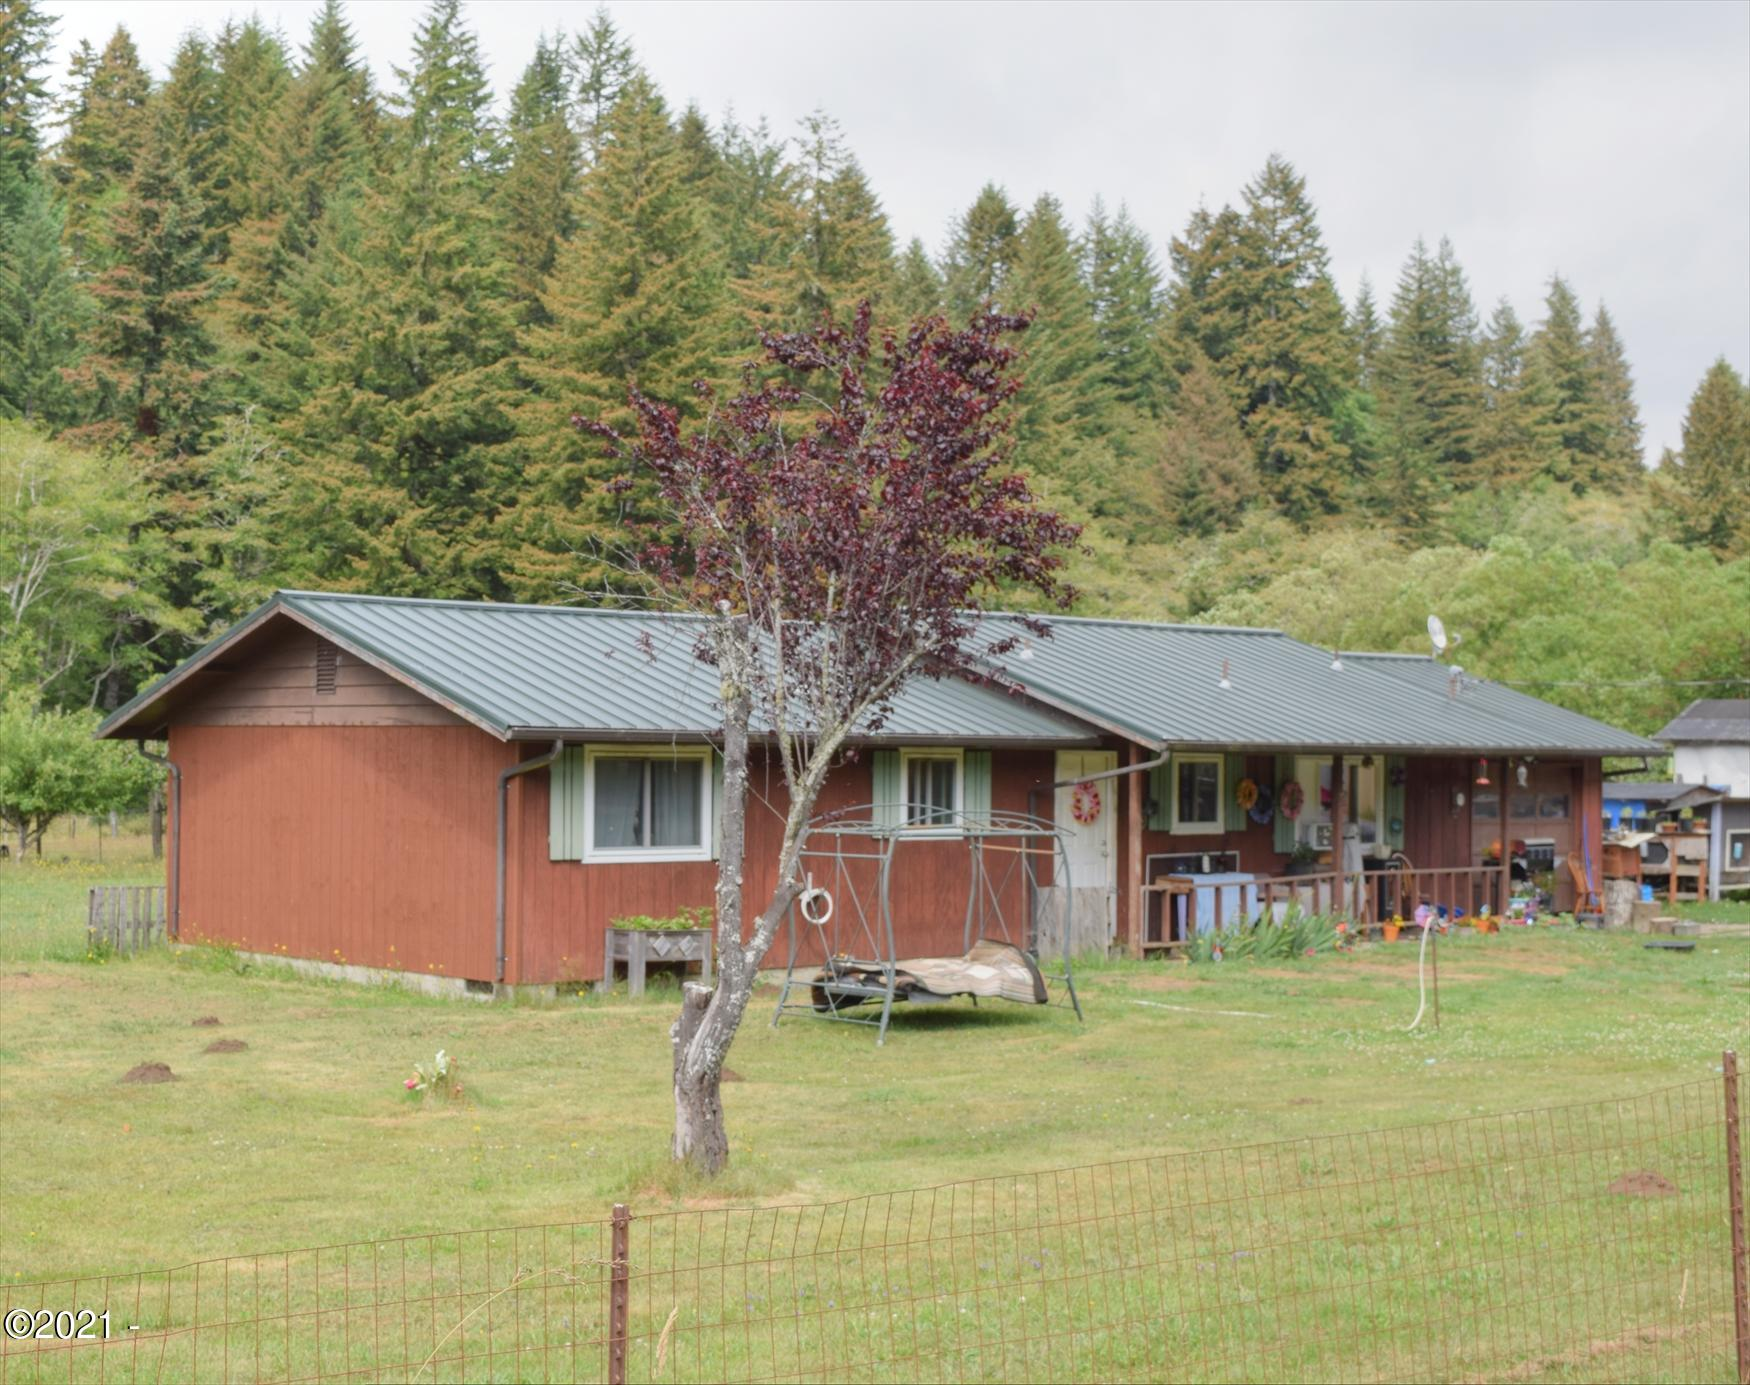 9687 Logsden Rd, Blodgett, OR 97326 - Front